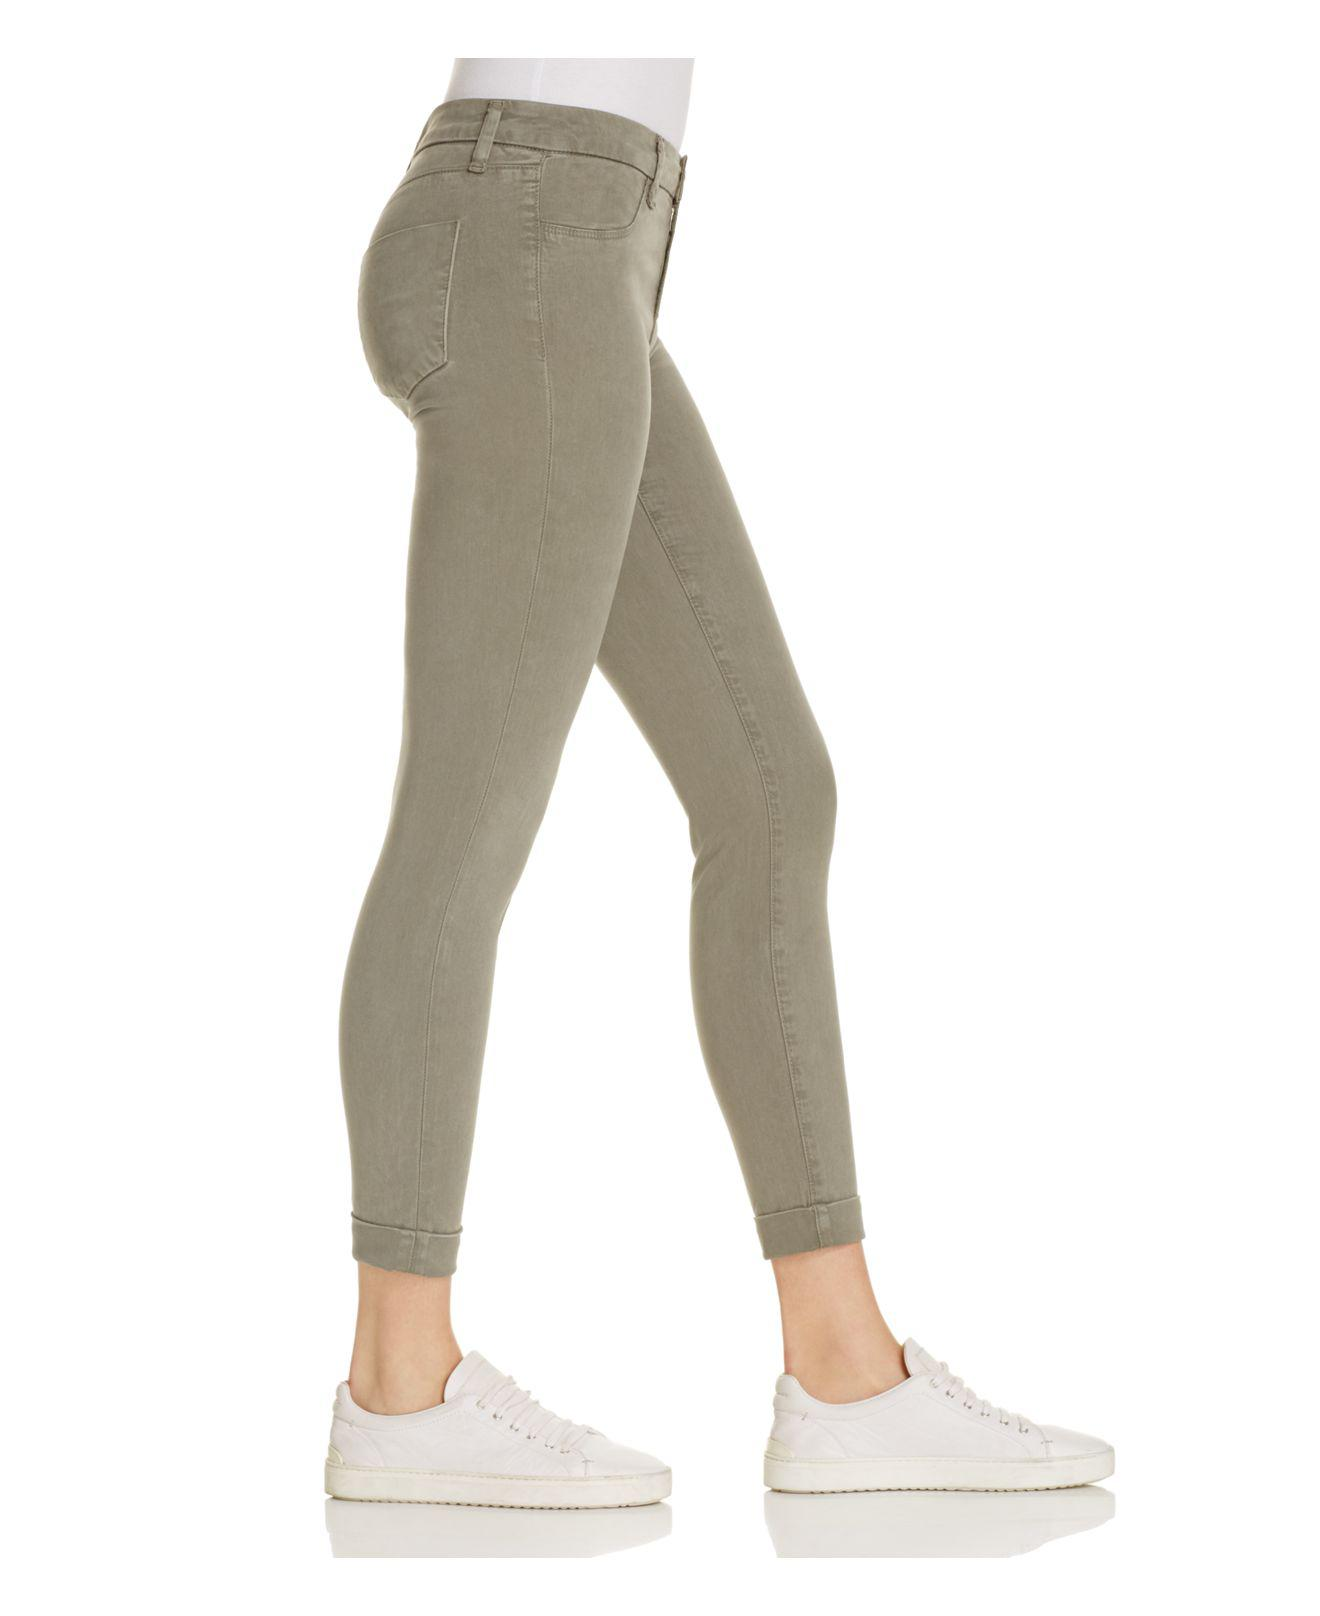 J Brand Denim Luxe Sateen Anja Cuffed Crop Jeans In Castor Grey in Grey